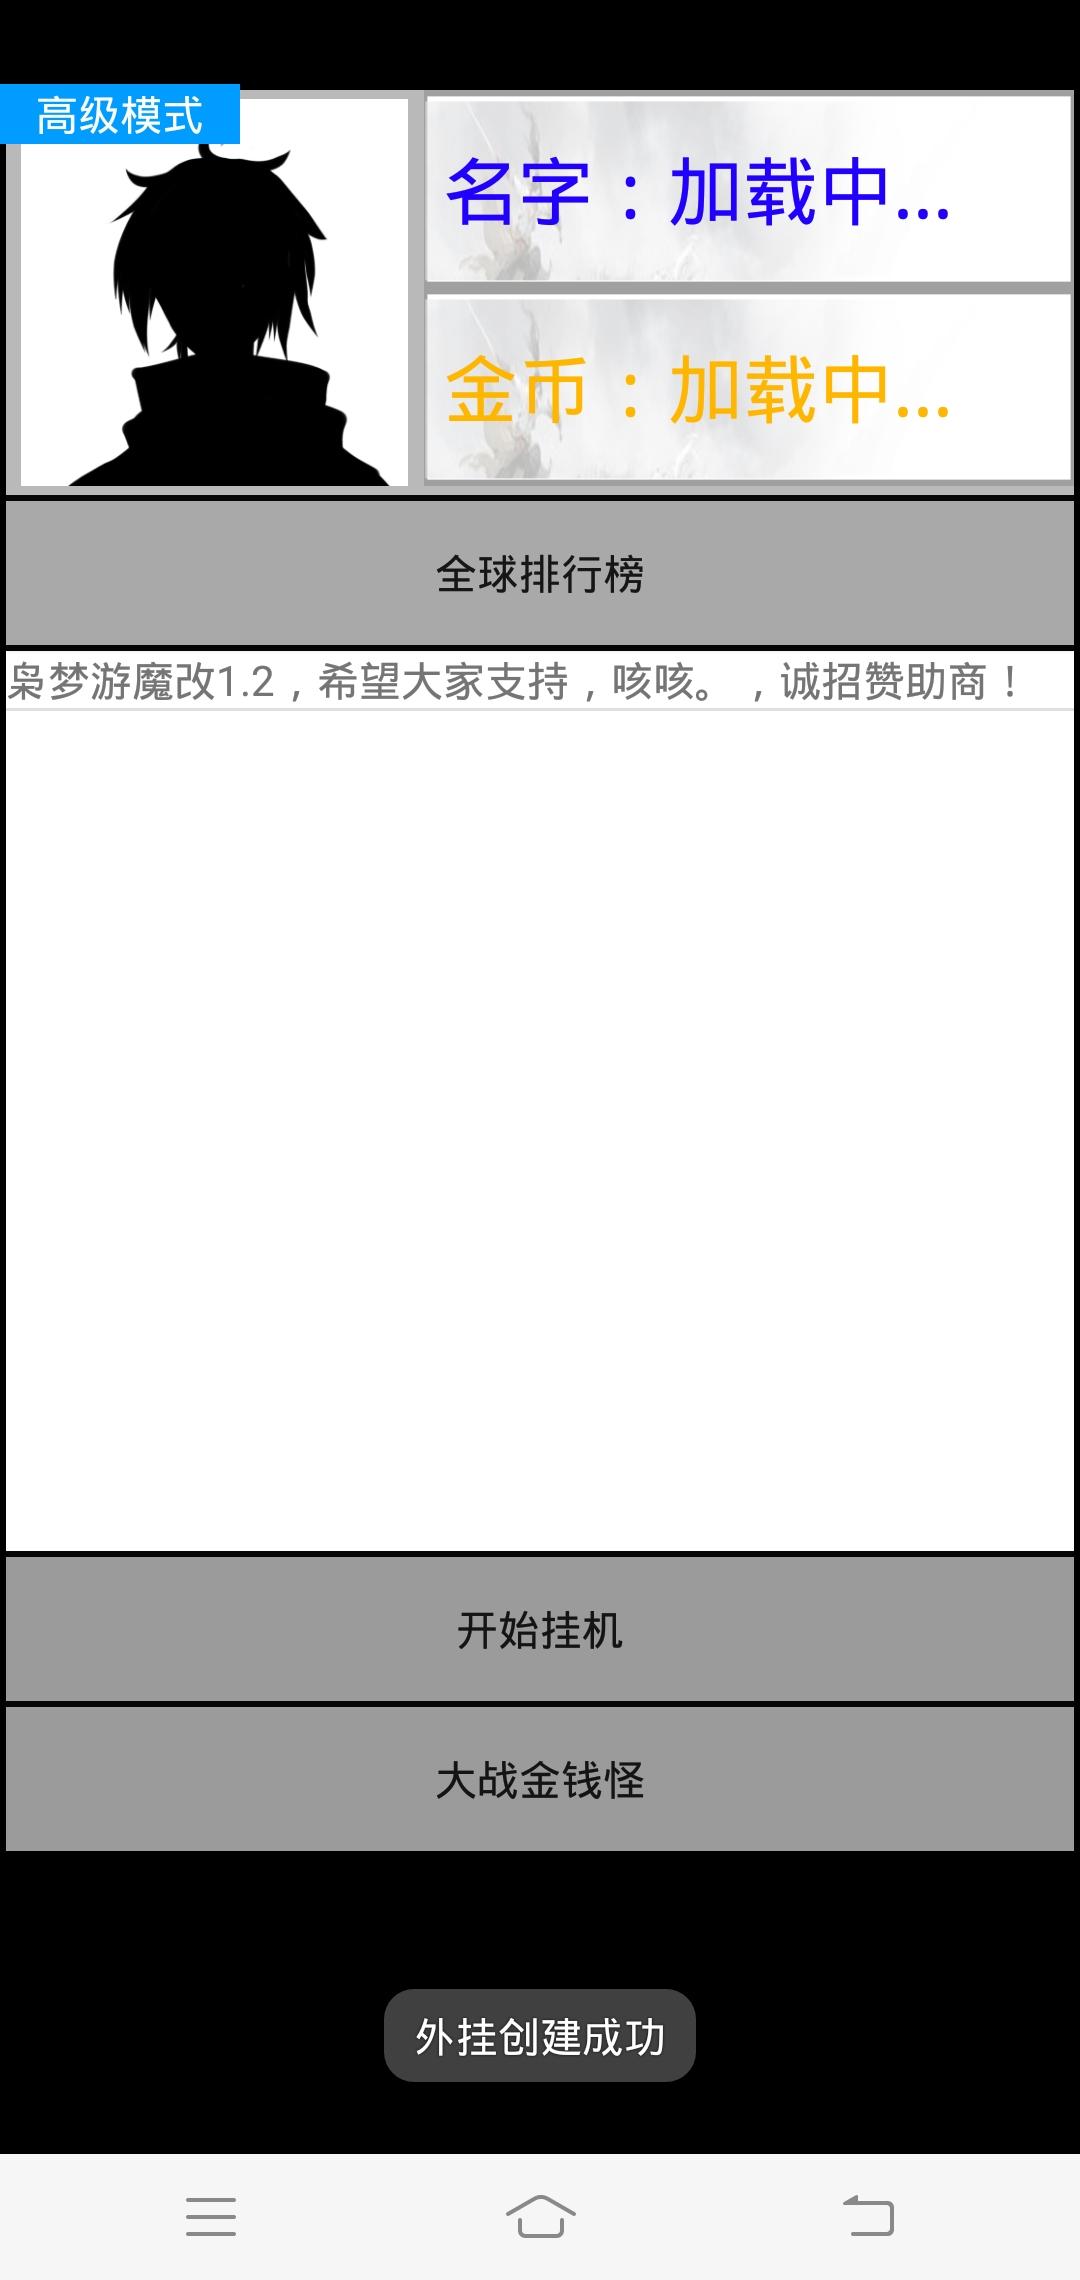 【无忧原创】佛系人生v_1.0-www.im86.com